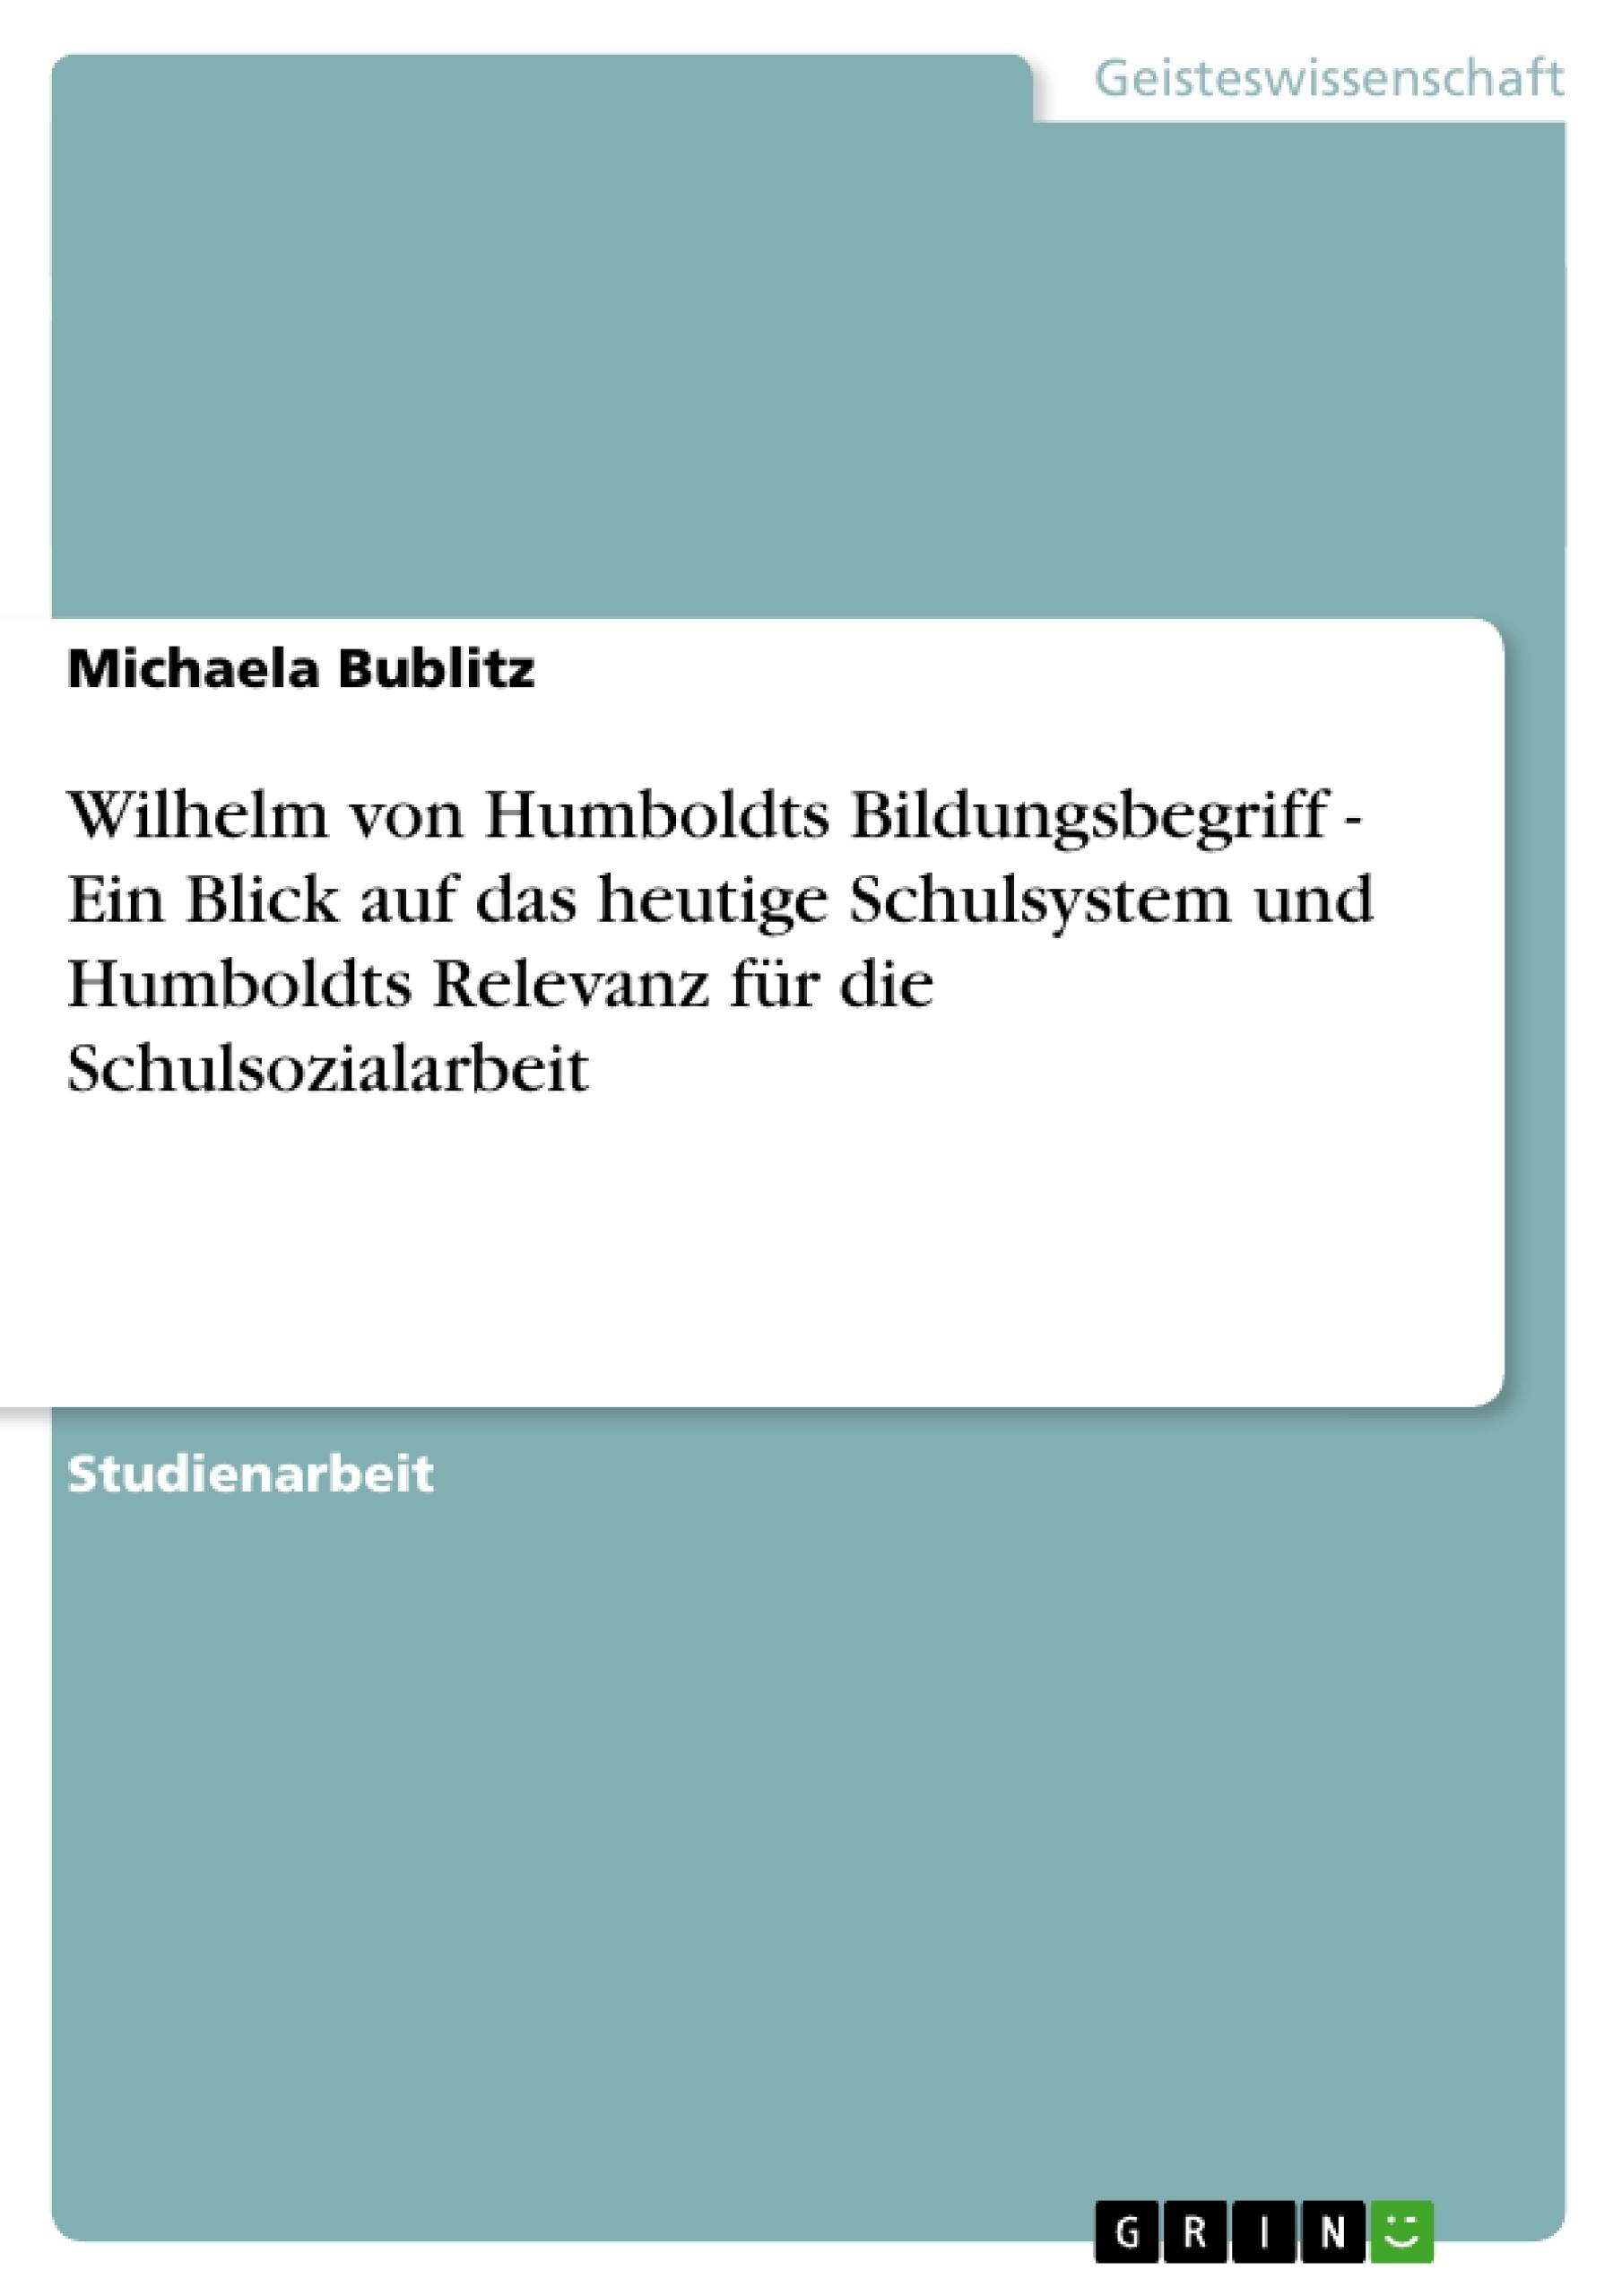 Titel: Wilhelm von Humboldts Bildungsbegriff - Ein Blick auf das heutige Schulsystem und Humboldts Relevanz für die Schulsozialarbeit